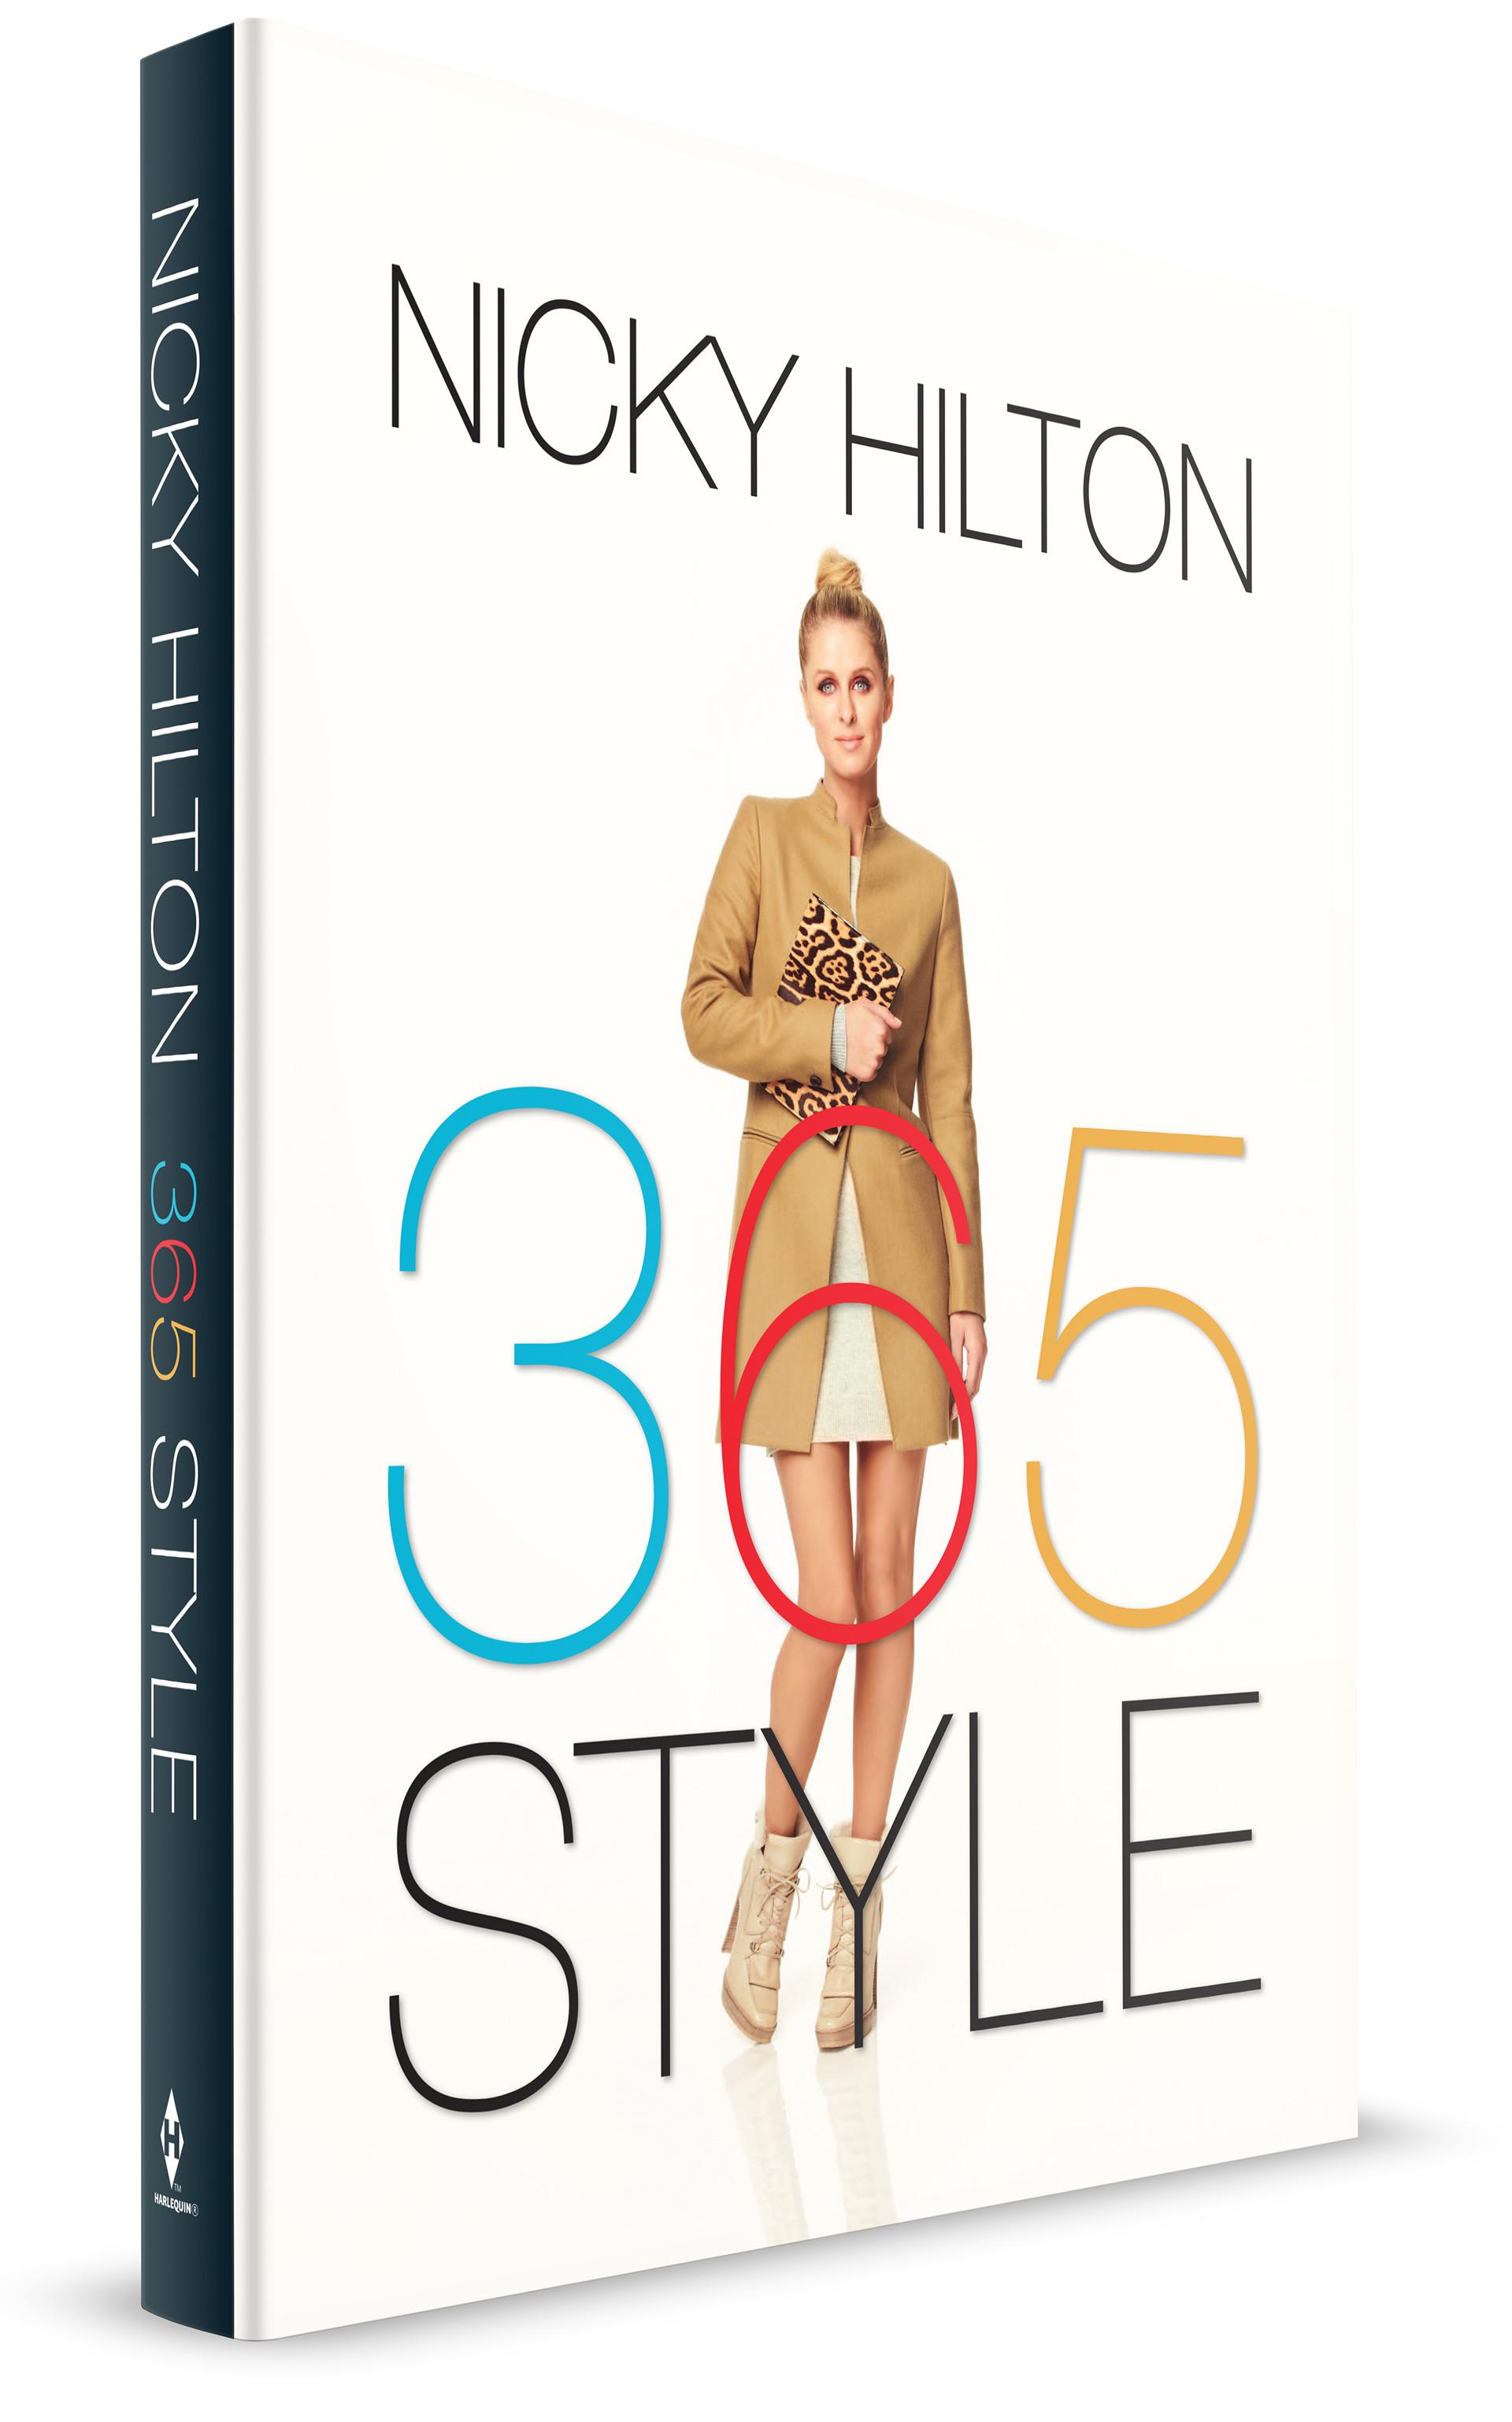 Nicky Hilton: 365 Style